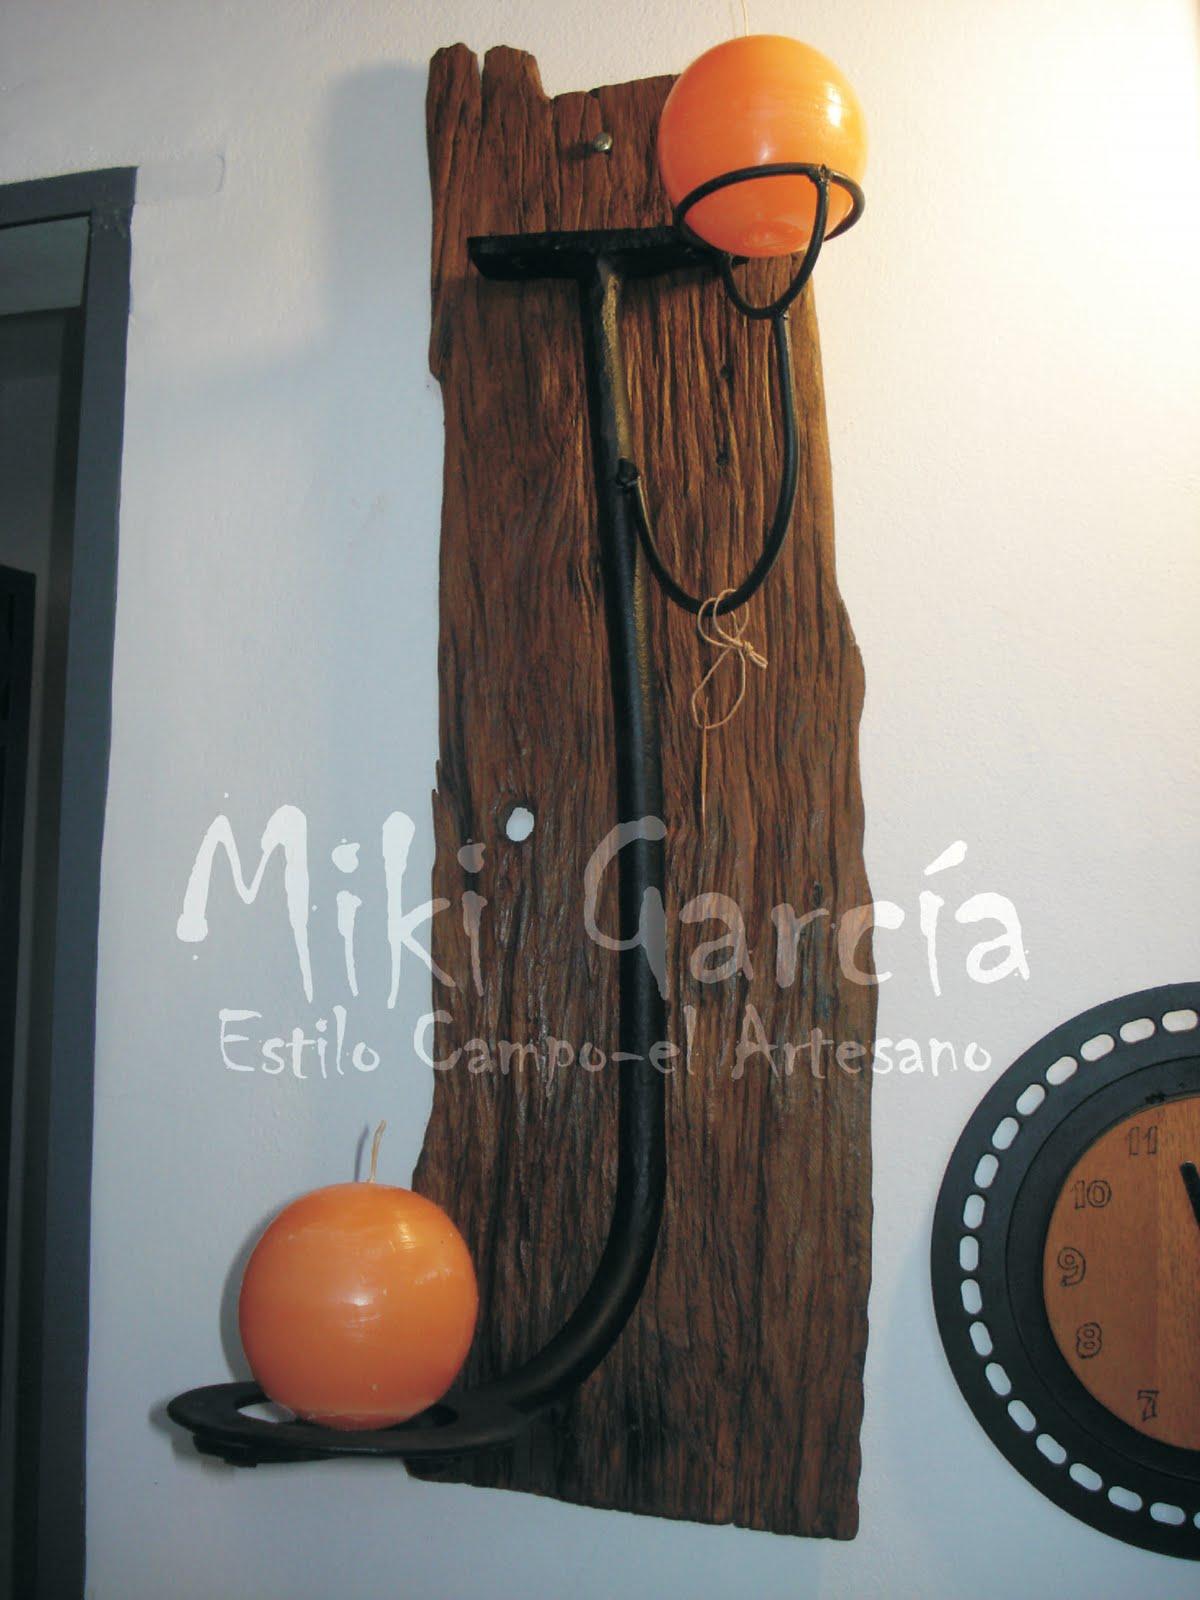 Estilo campo el artesano candelabros y crucifijos - Fotos de vinotecas ...